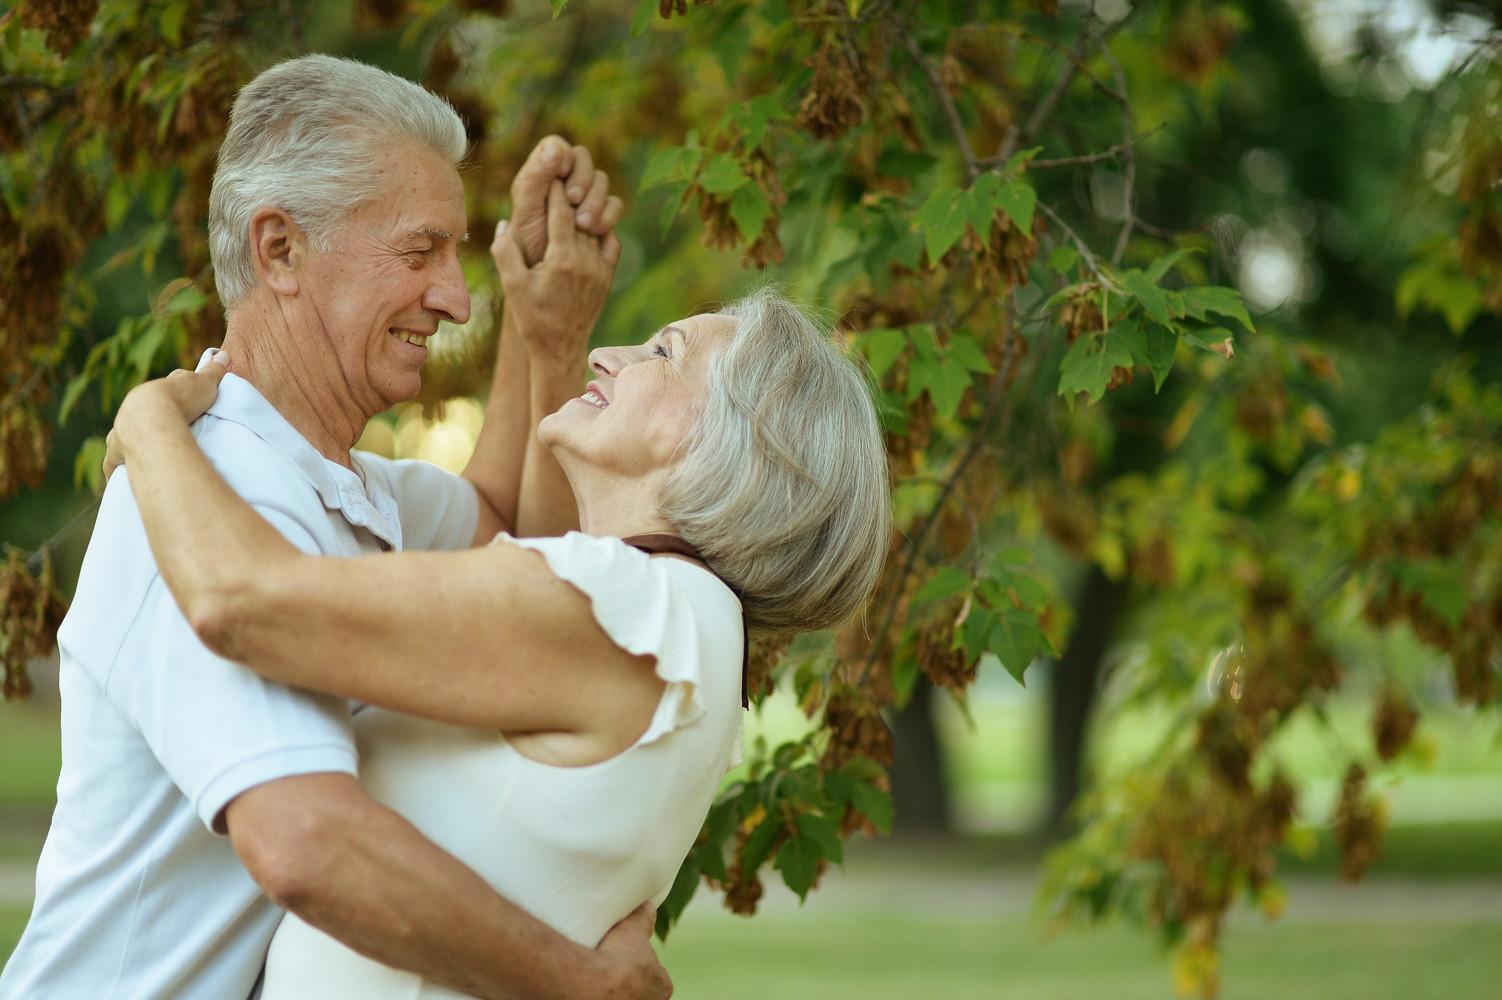 Танец пожилых людей картинки паттайи сюда